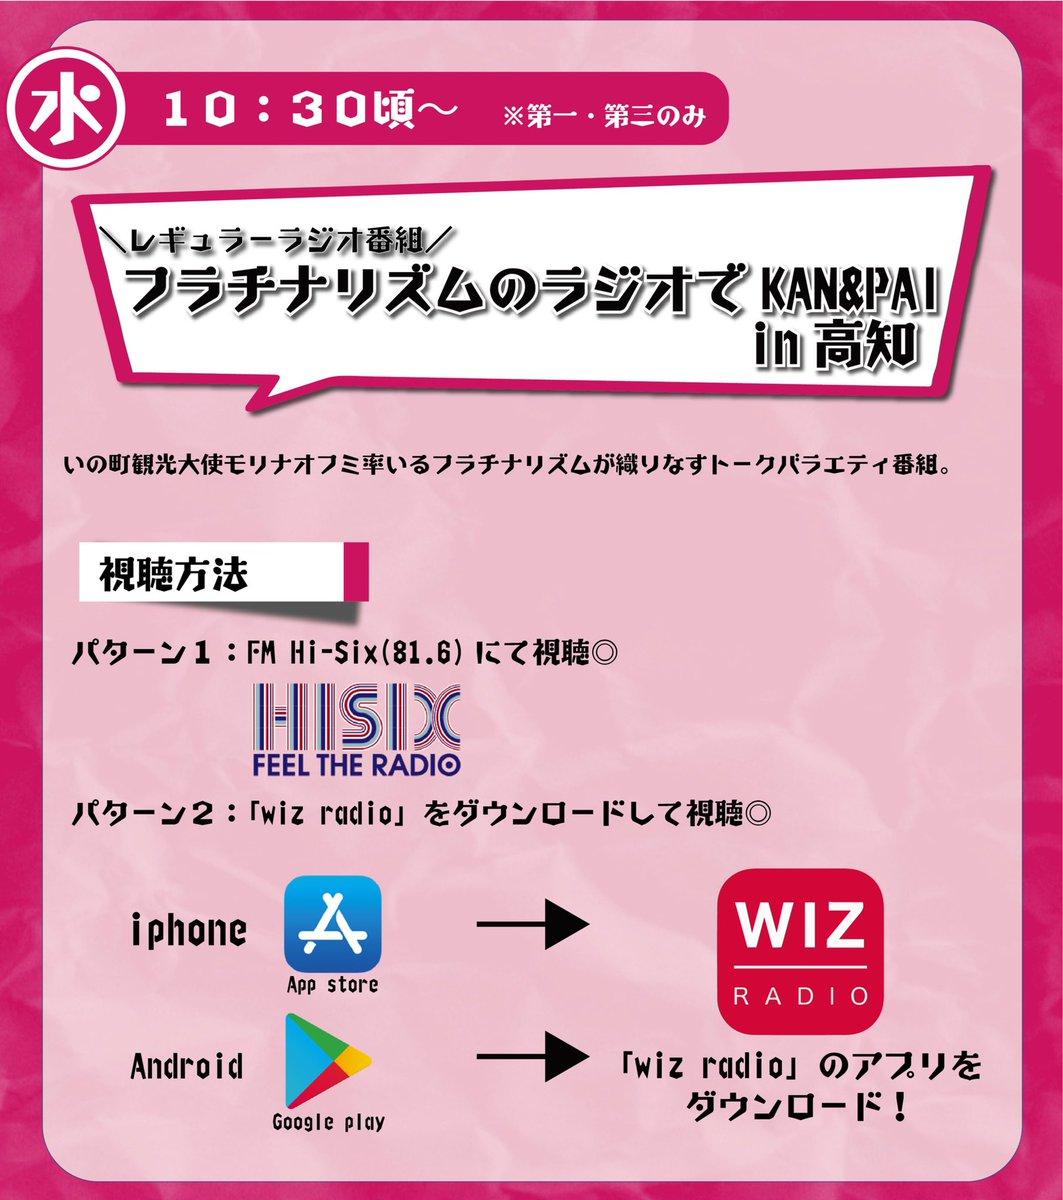 【レギュラーラジオ📻】FM Hi-Six(81.6MHz) 本日10:30頃〜「#フラチナリズム のラジオでKAN&PAI in  #高知」wiz radioからも視聴可◎↓ダウンロードはこちら↓iphone Android